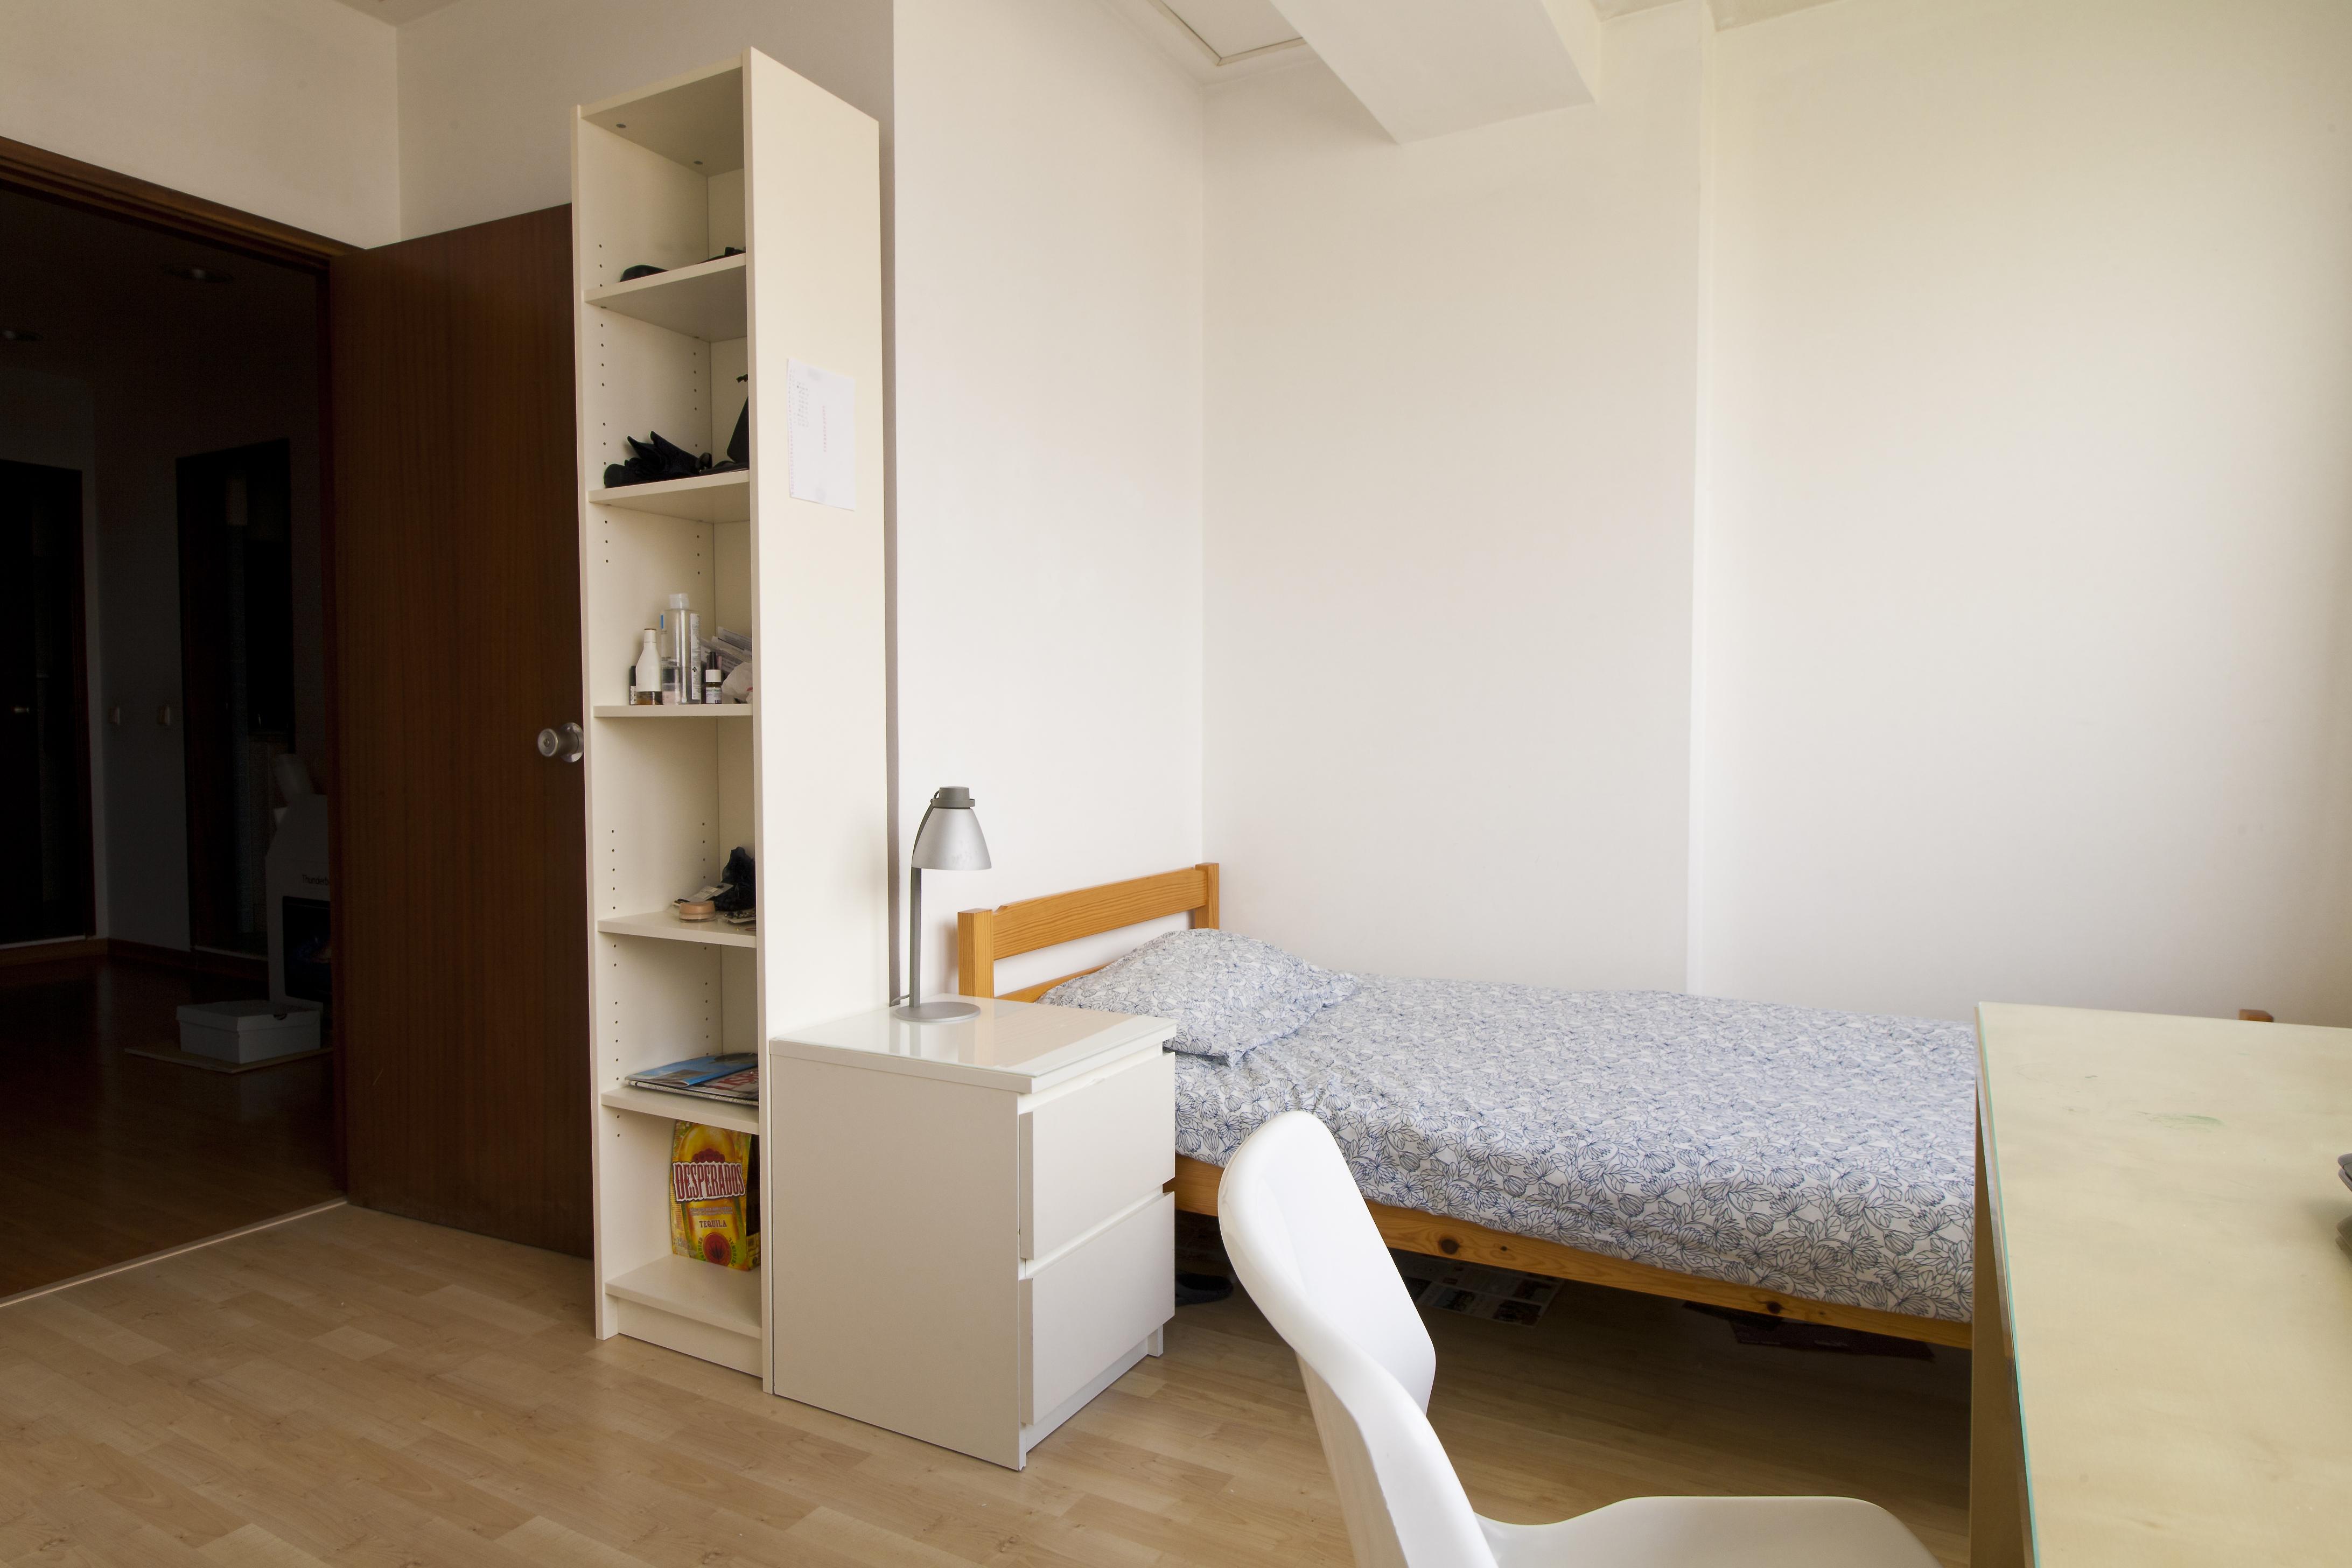 AR_-_Quarto.Room_nº6_-_Foto_2.jpg